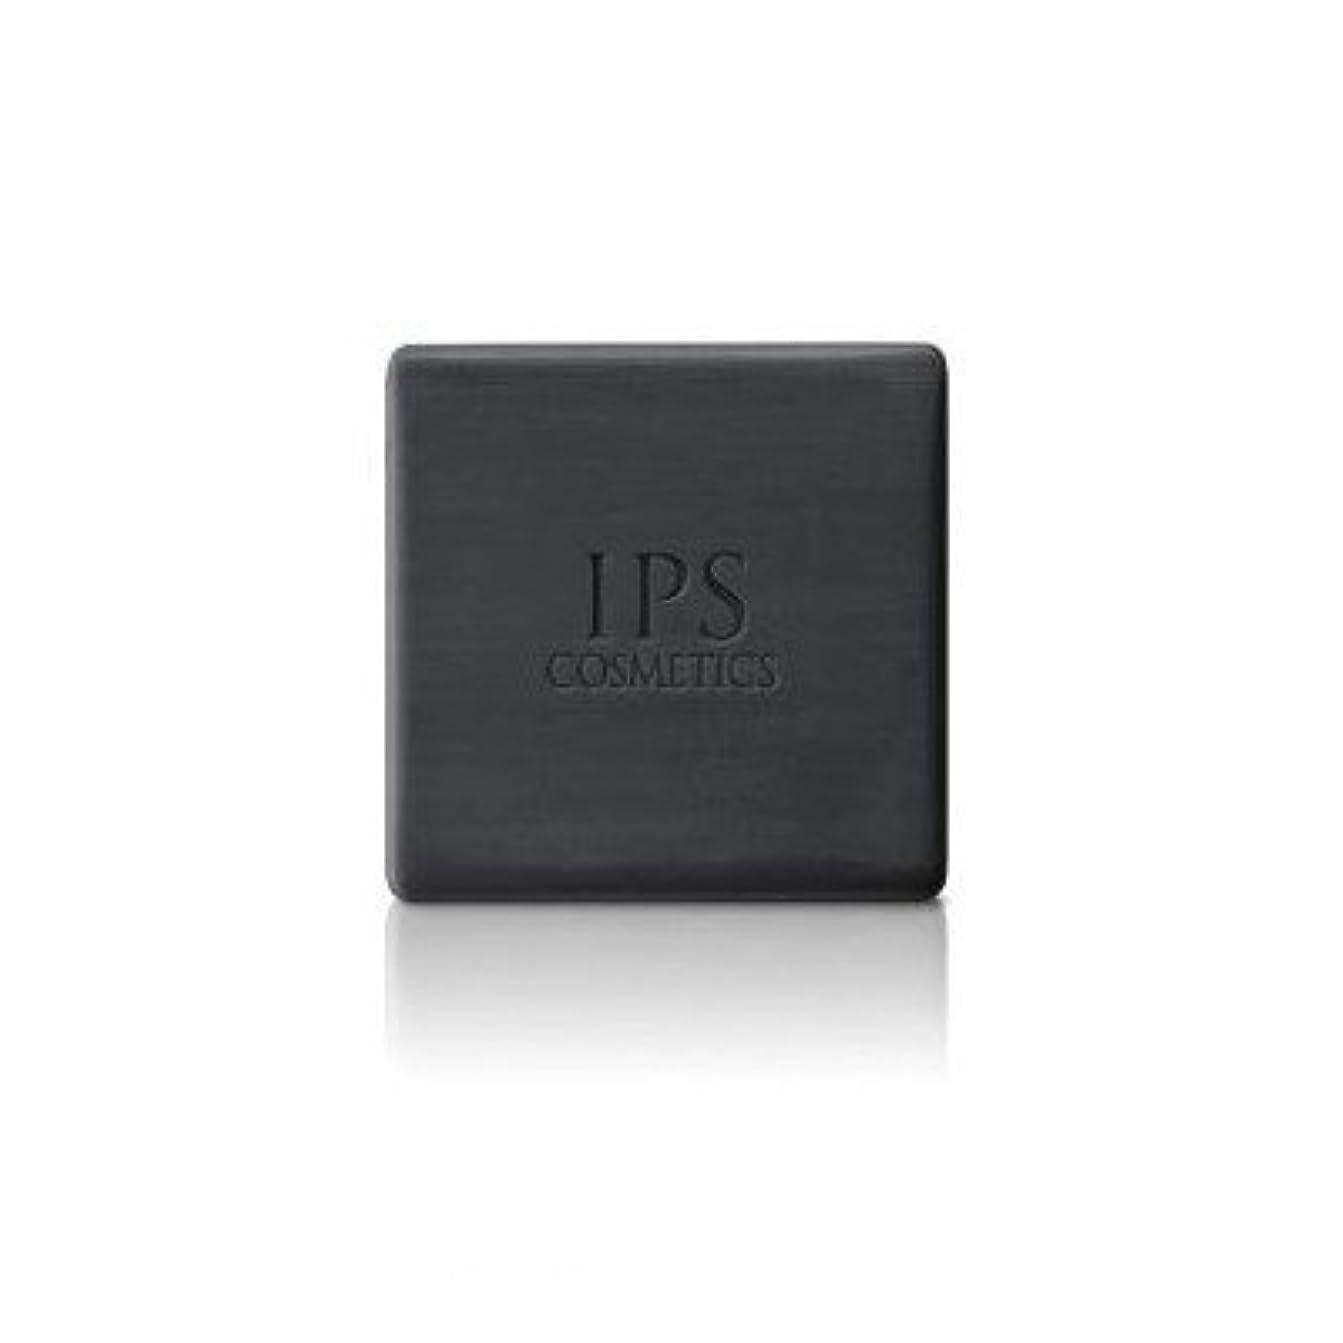 退院教義かごお得な3個セット IPS コンディショニングバー 洗顔石鹸 120g